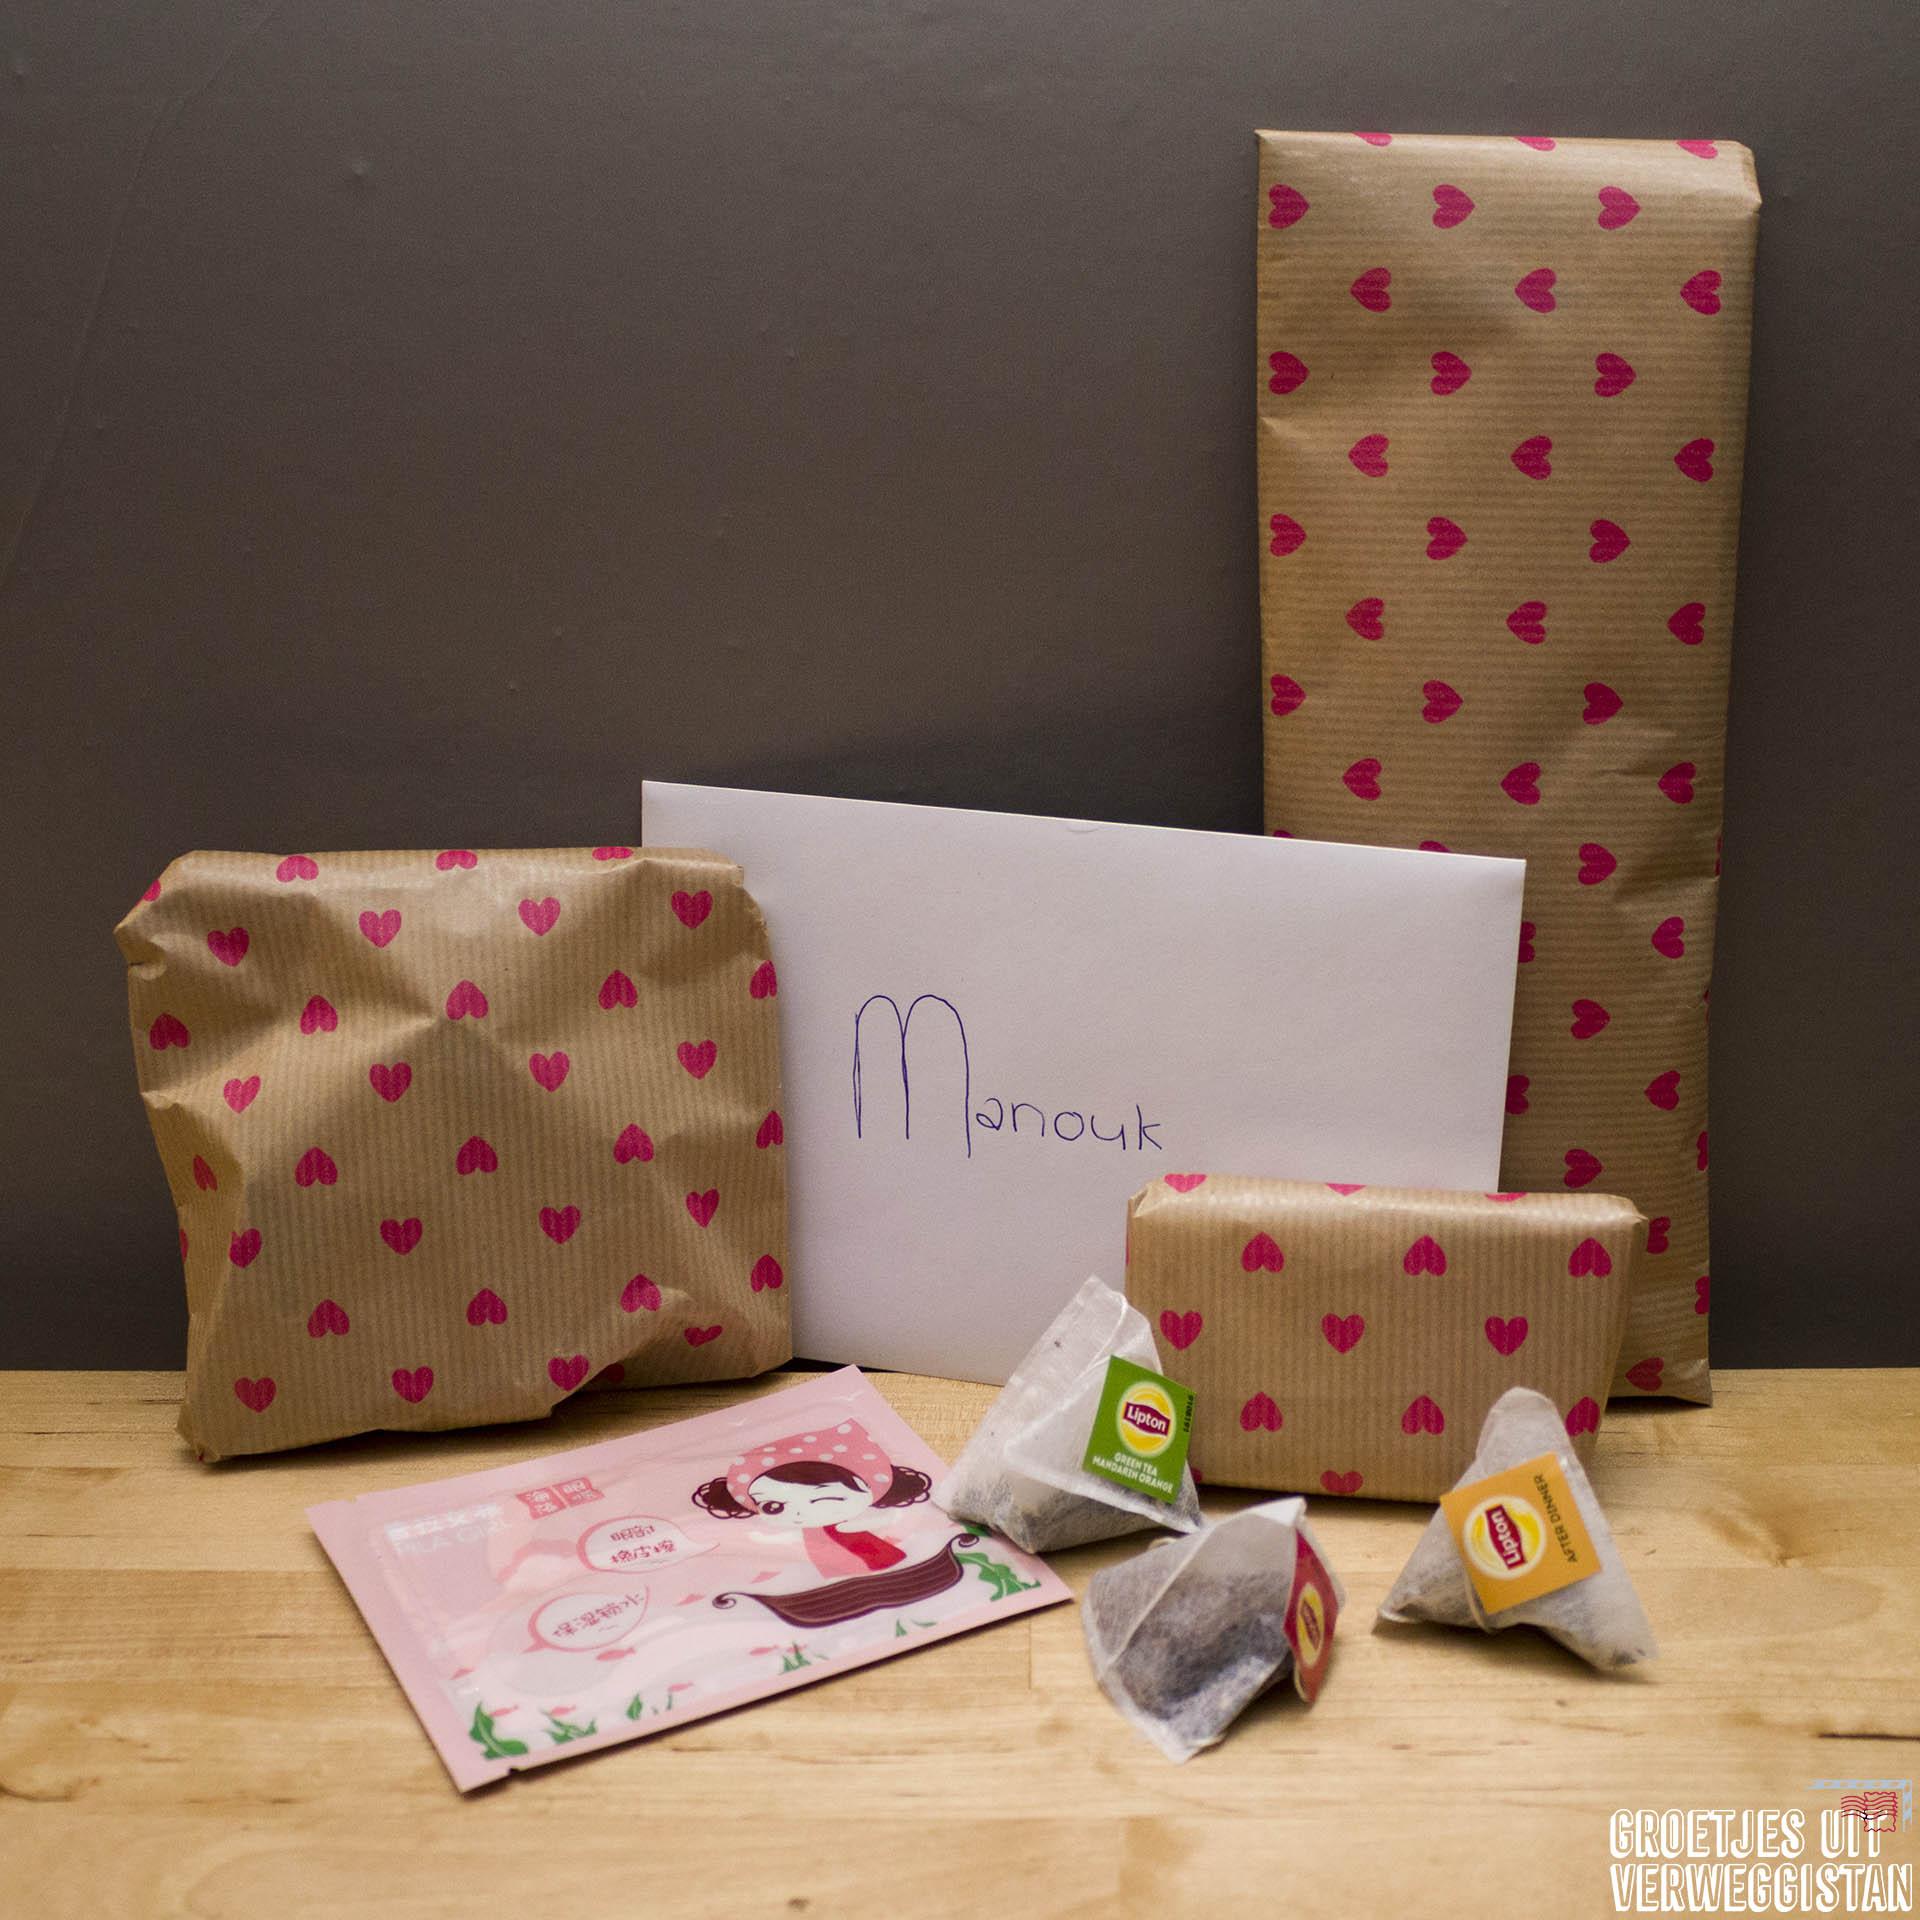 Echte Post Is Cool cadeautjes